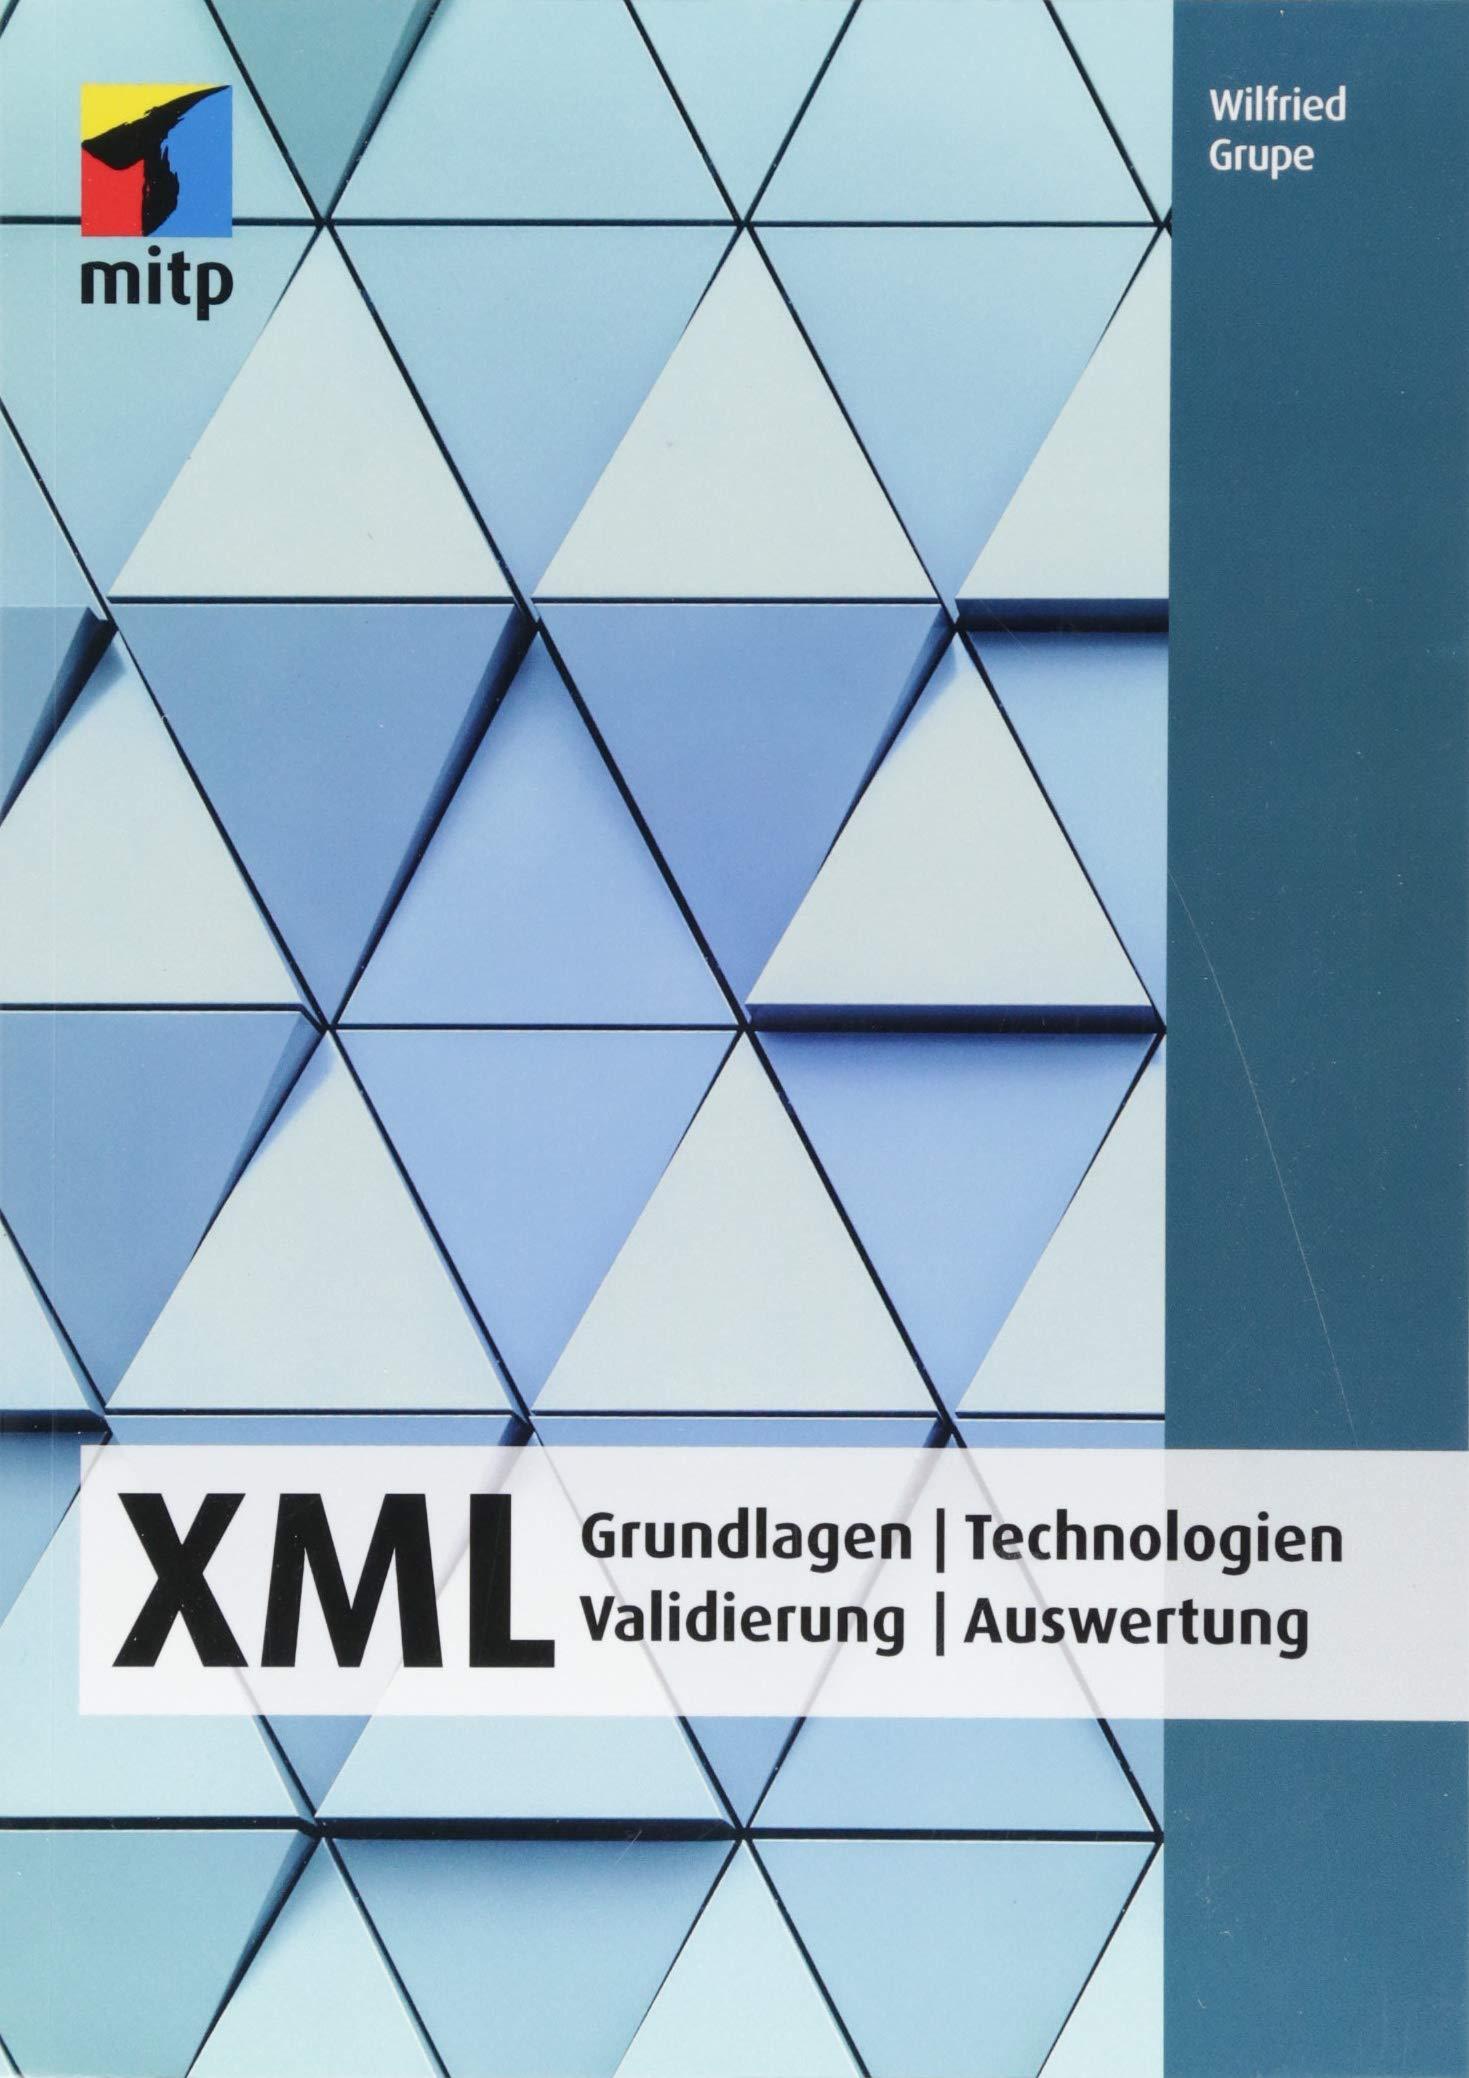 XML: Grundlagen | Technologien| Validierung | Auswertung (mitp Professional) Broschiert – 30. April 2018 Wilfried Grupe 3958457541 Programmiersprachen Database